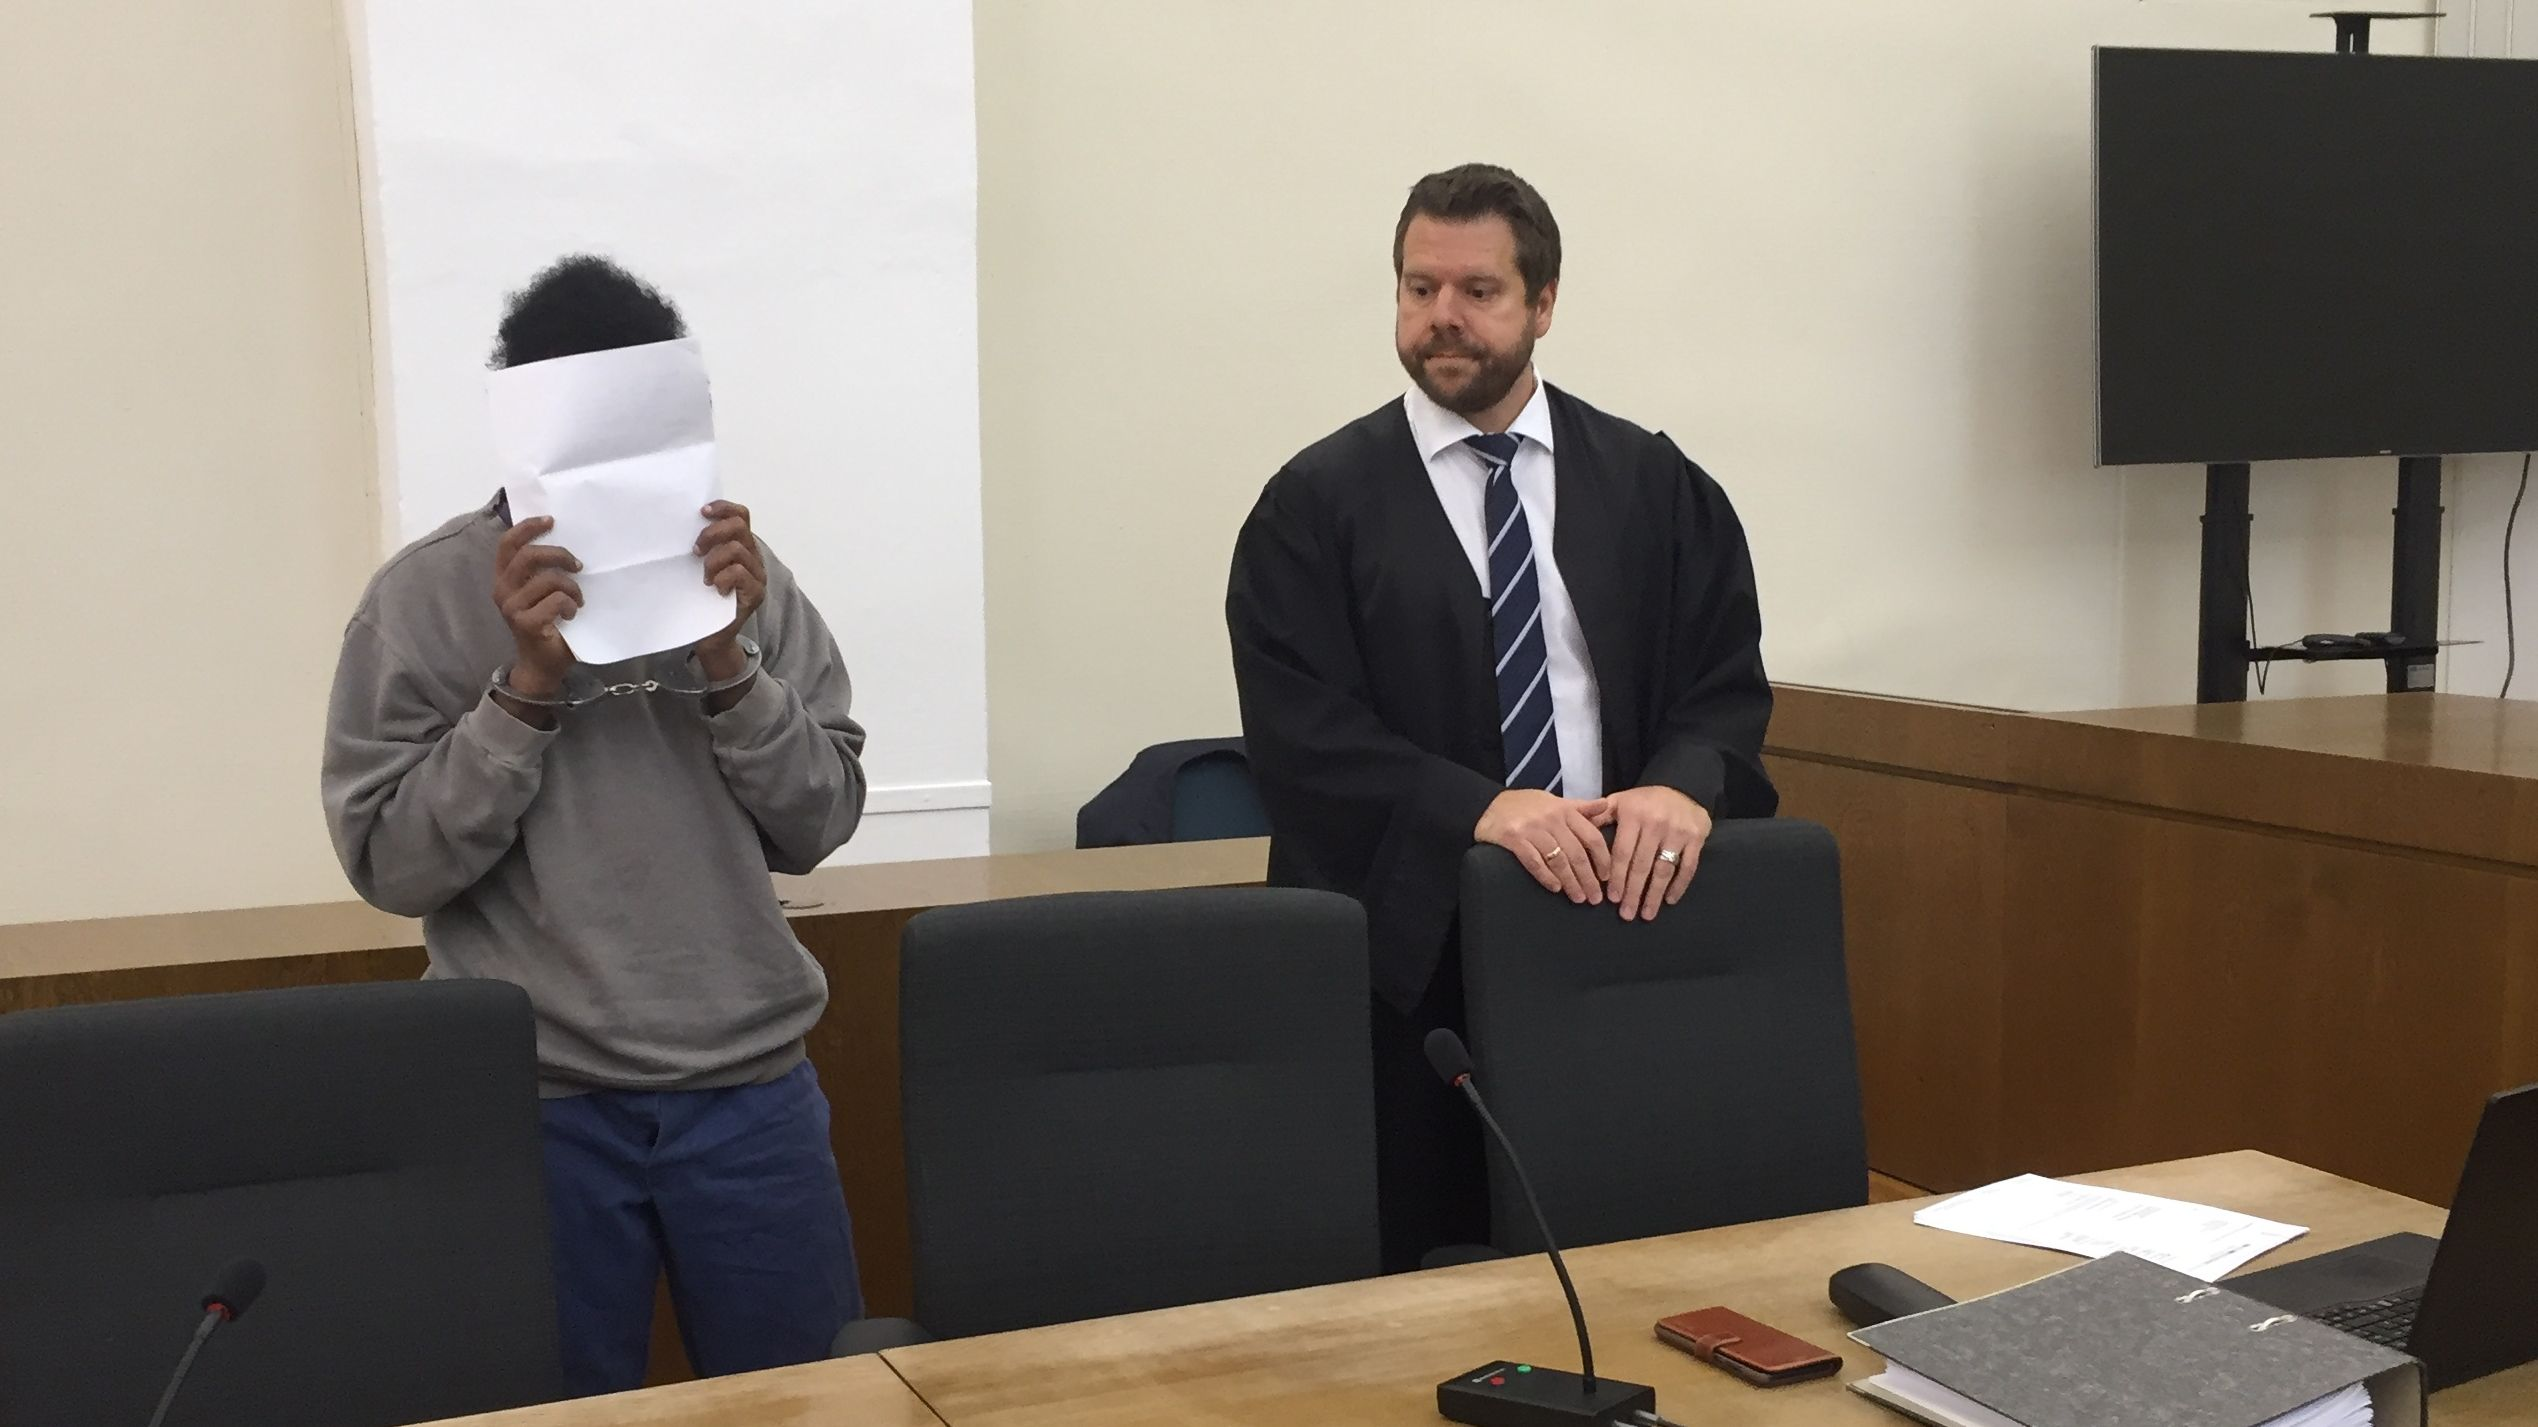 Der Angeklagte neben seinem Anwalt